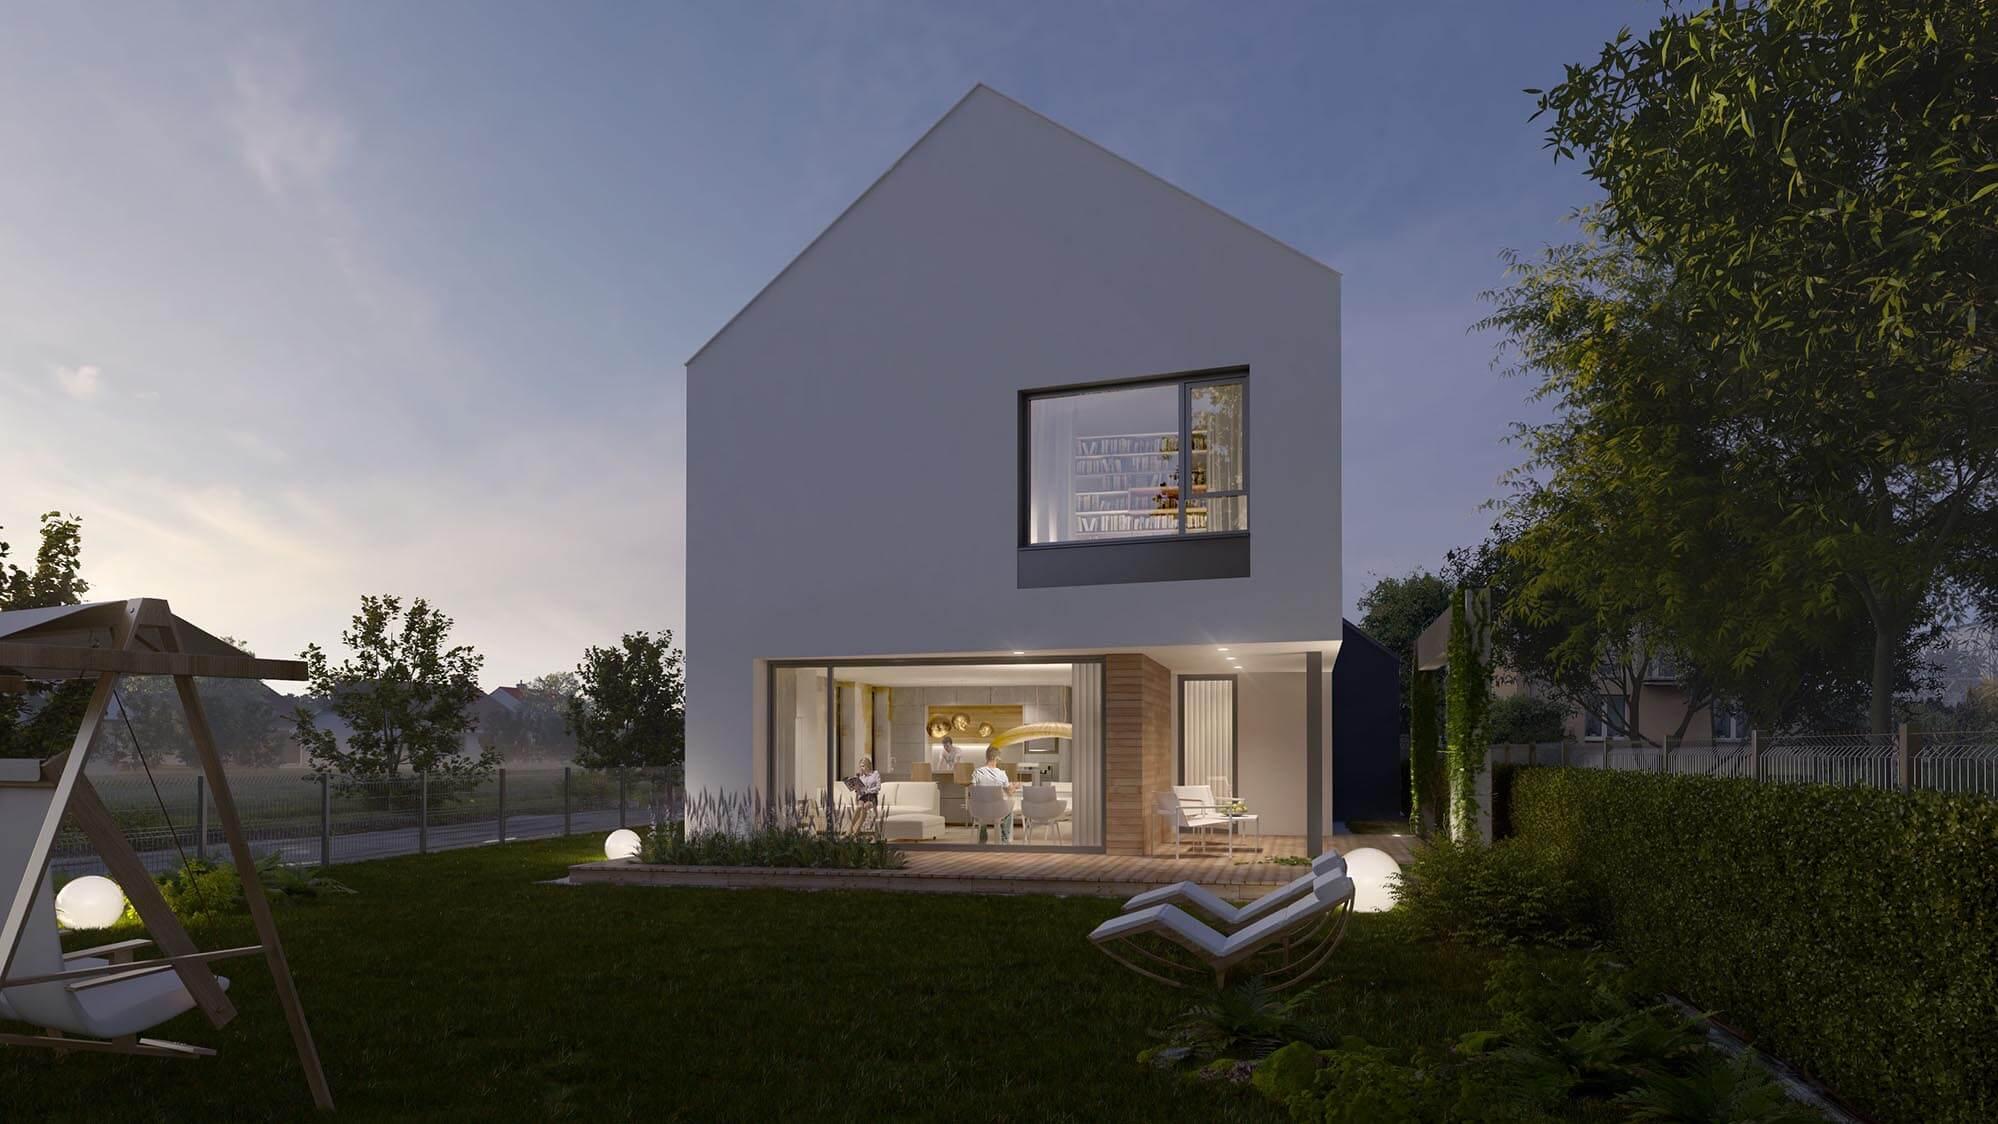 Wizualizacje architektoniczne domów jednorodzinnych, Beczak & Beczak Architekci